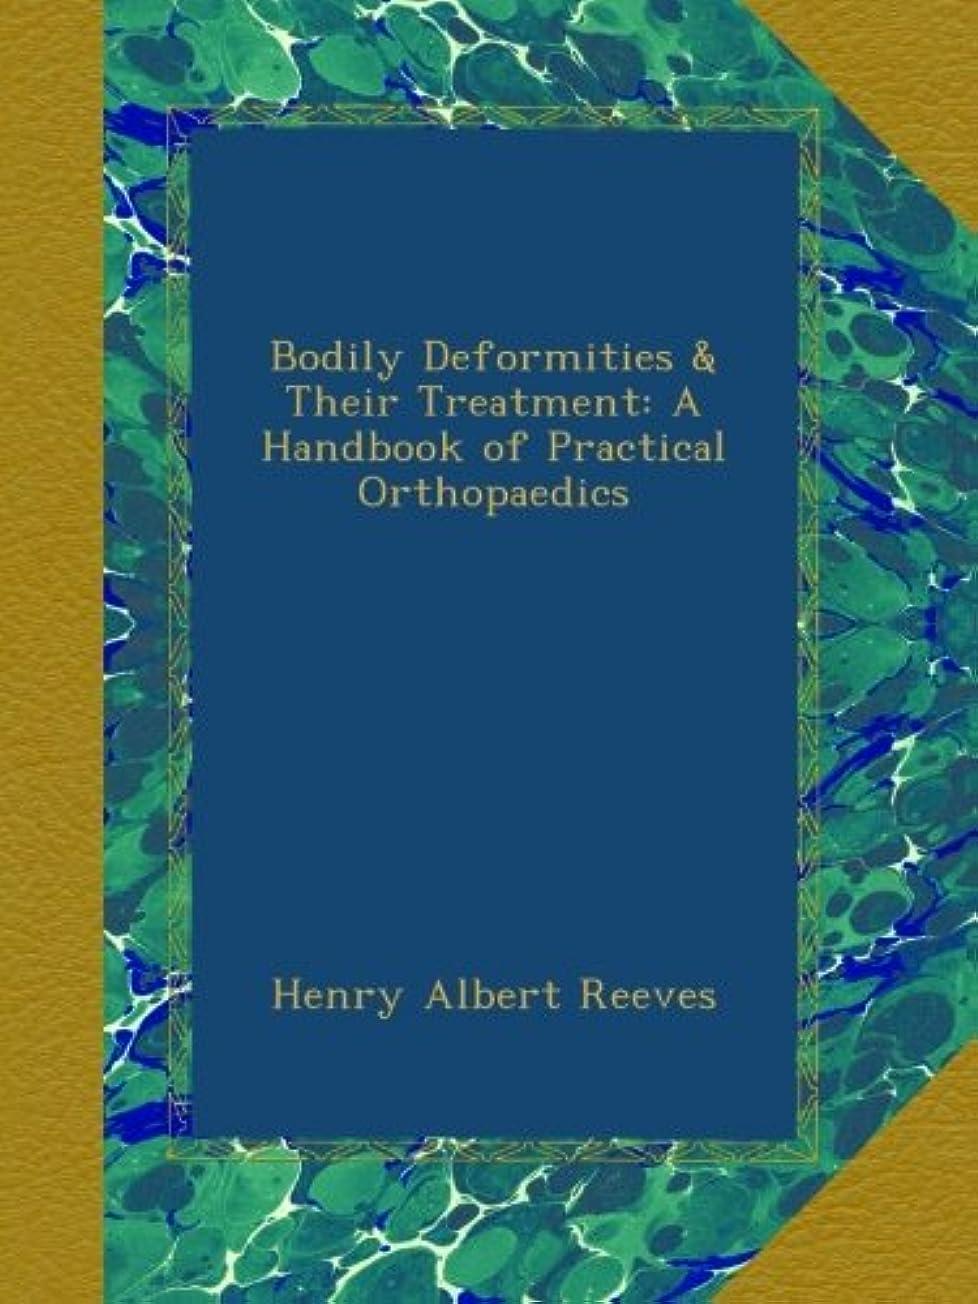 おとこ廃止コンプリートBodily Deformities & Their Treatment: A Handbook of Practical Orthopaedics